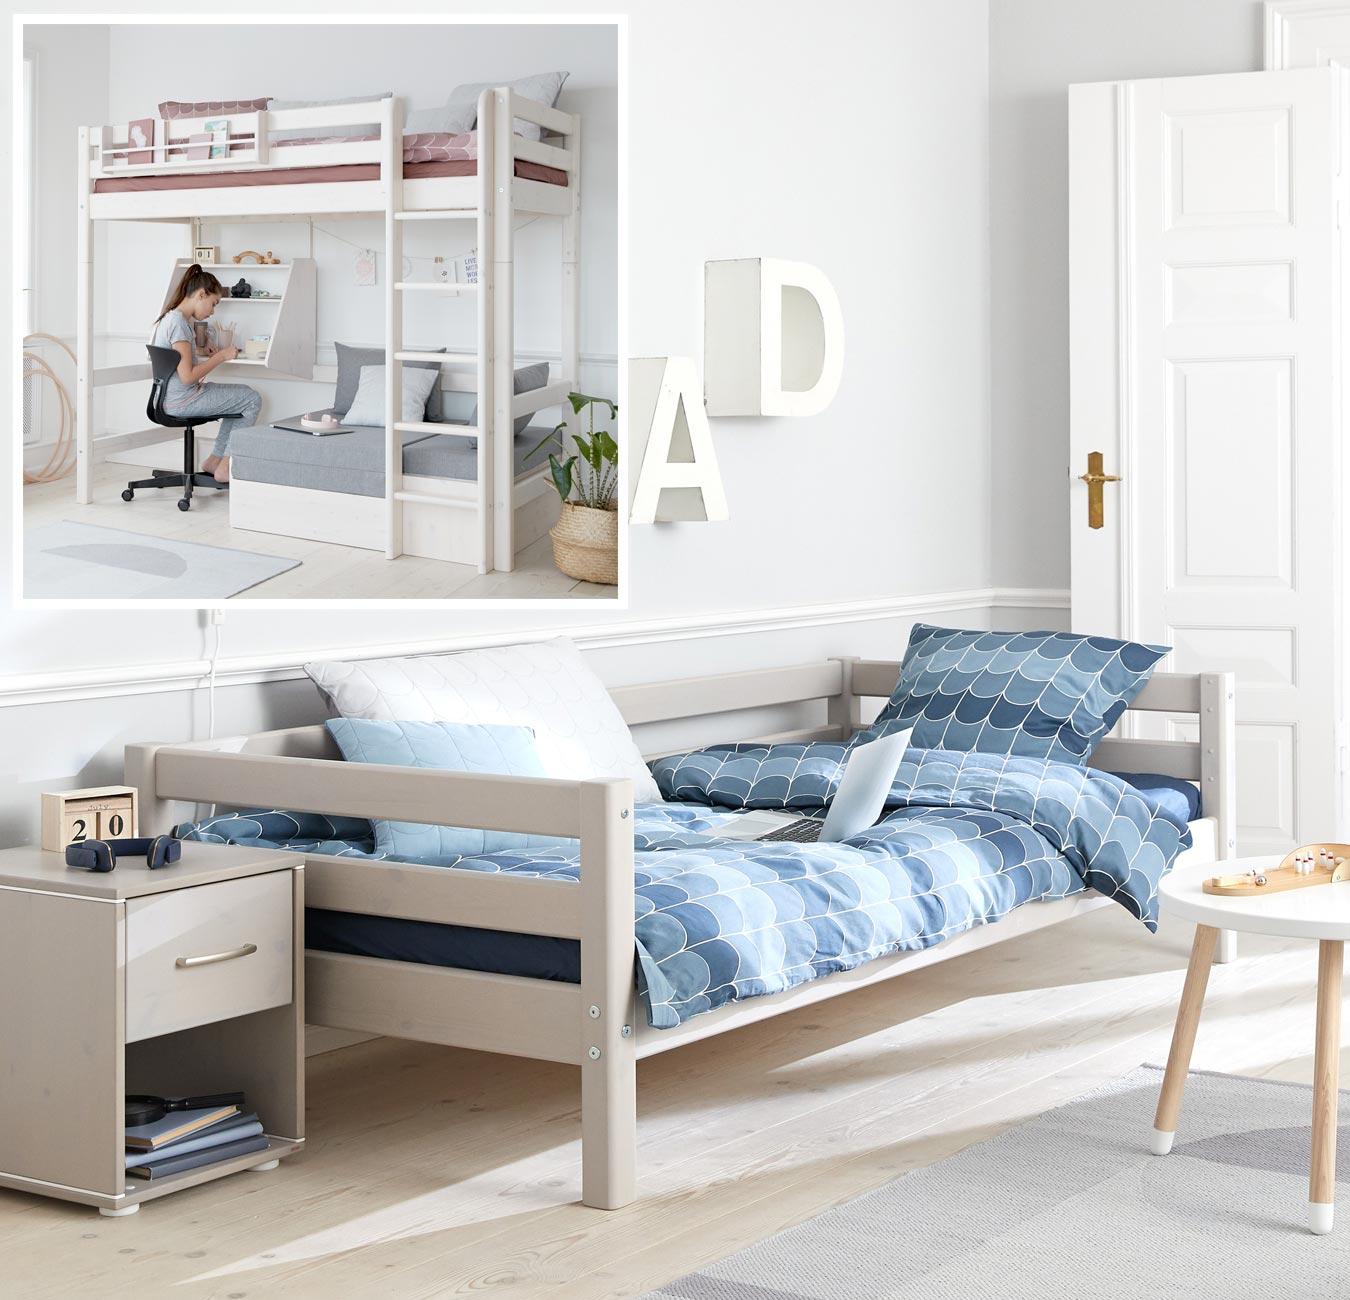 Full Size of Betten Kaufen Modernes Bett 160x220 Frankfurt überlänge Komplett Konfigurieren Dormiente Nussbaum 180x200 Lifetime Wohnwert Weiß 100x200 Mit Bettkasten Bett Lifetime Bett